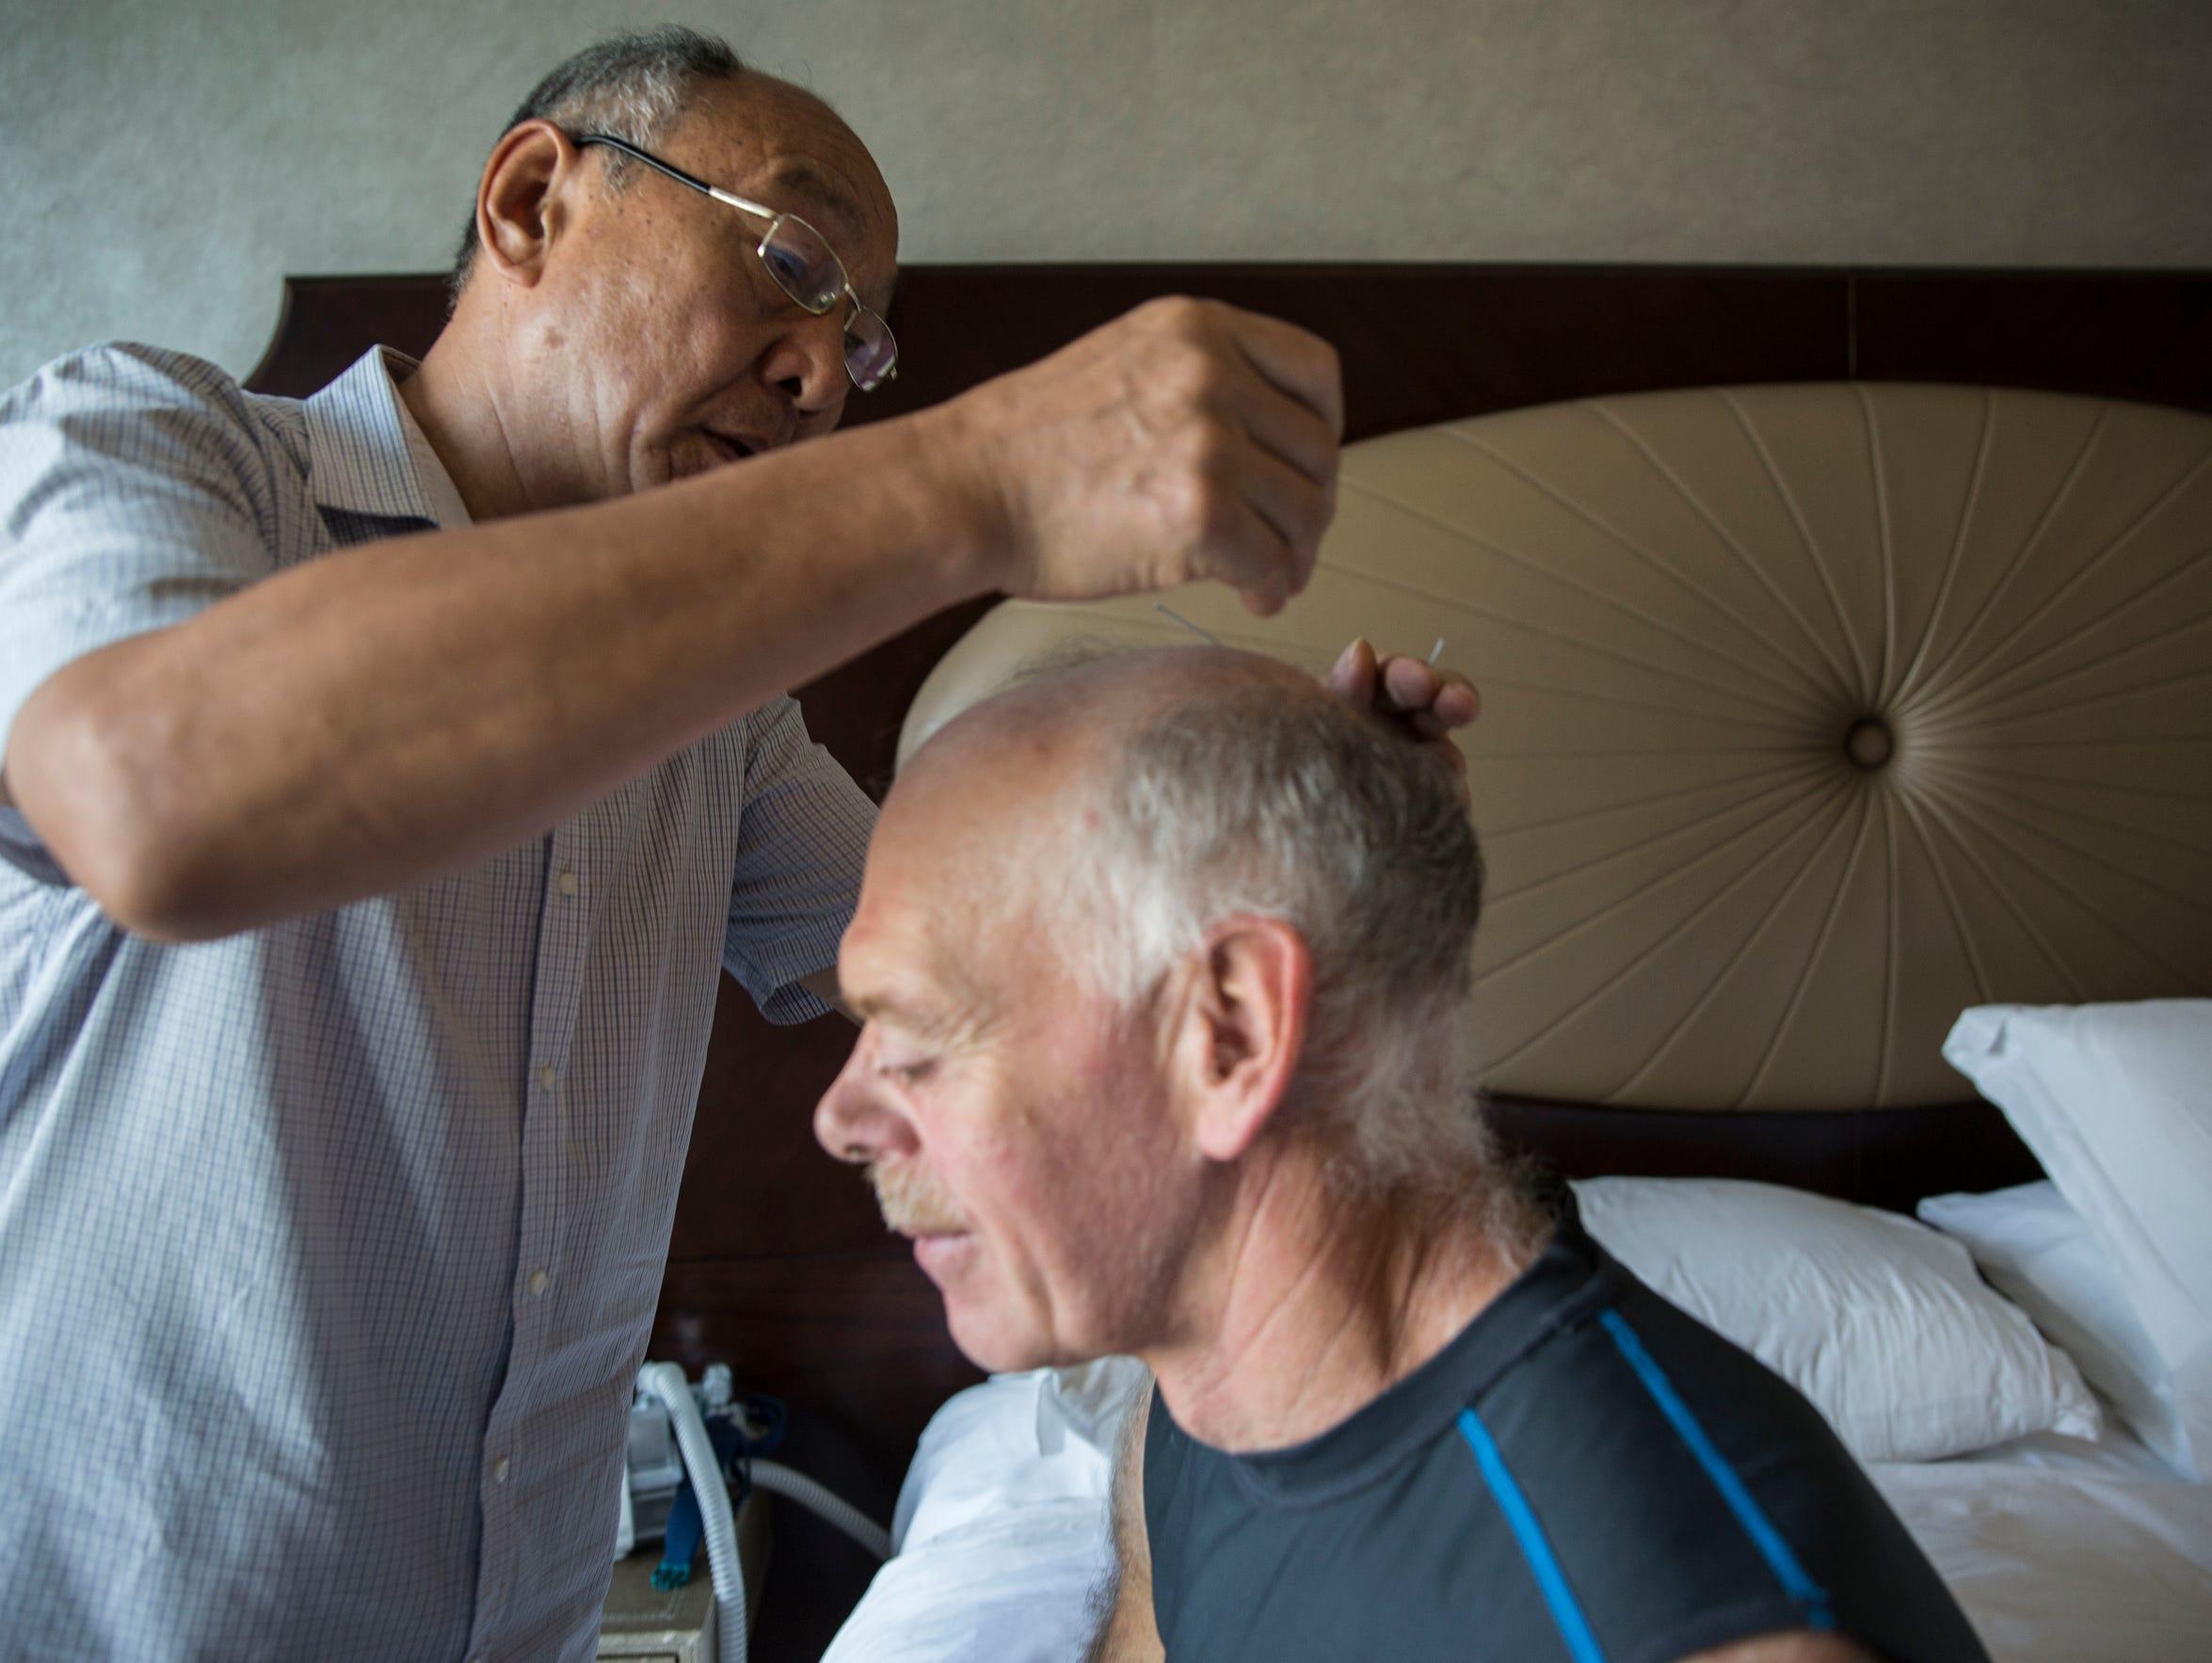 Jim Detweiler, of Williamsburg, Iowa, receives an acupuncture